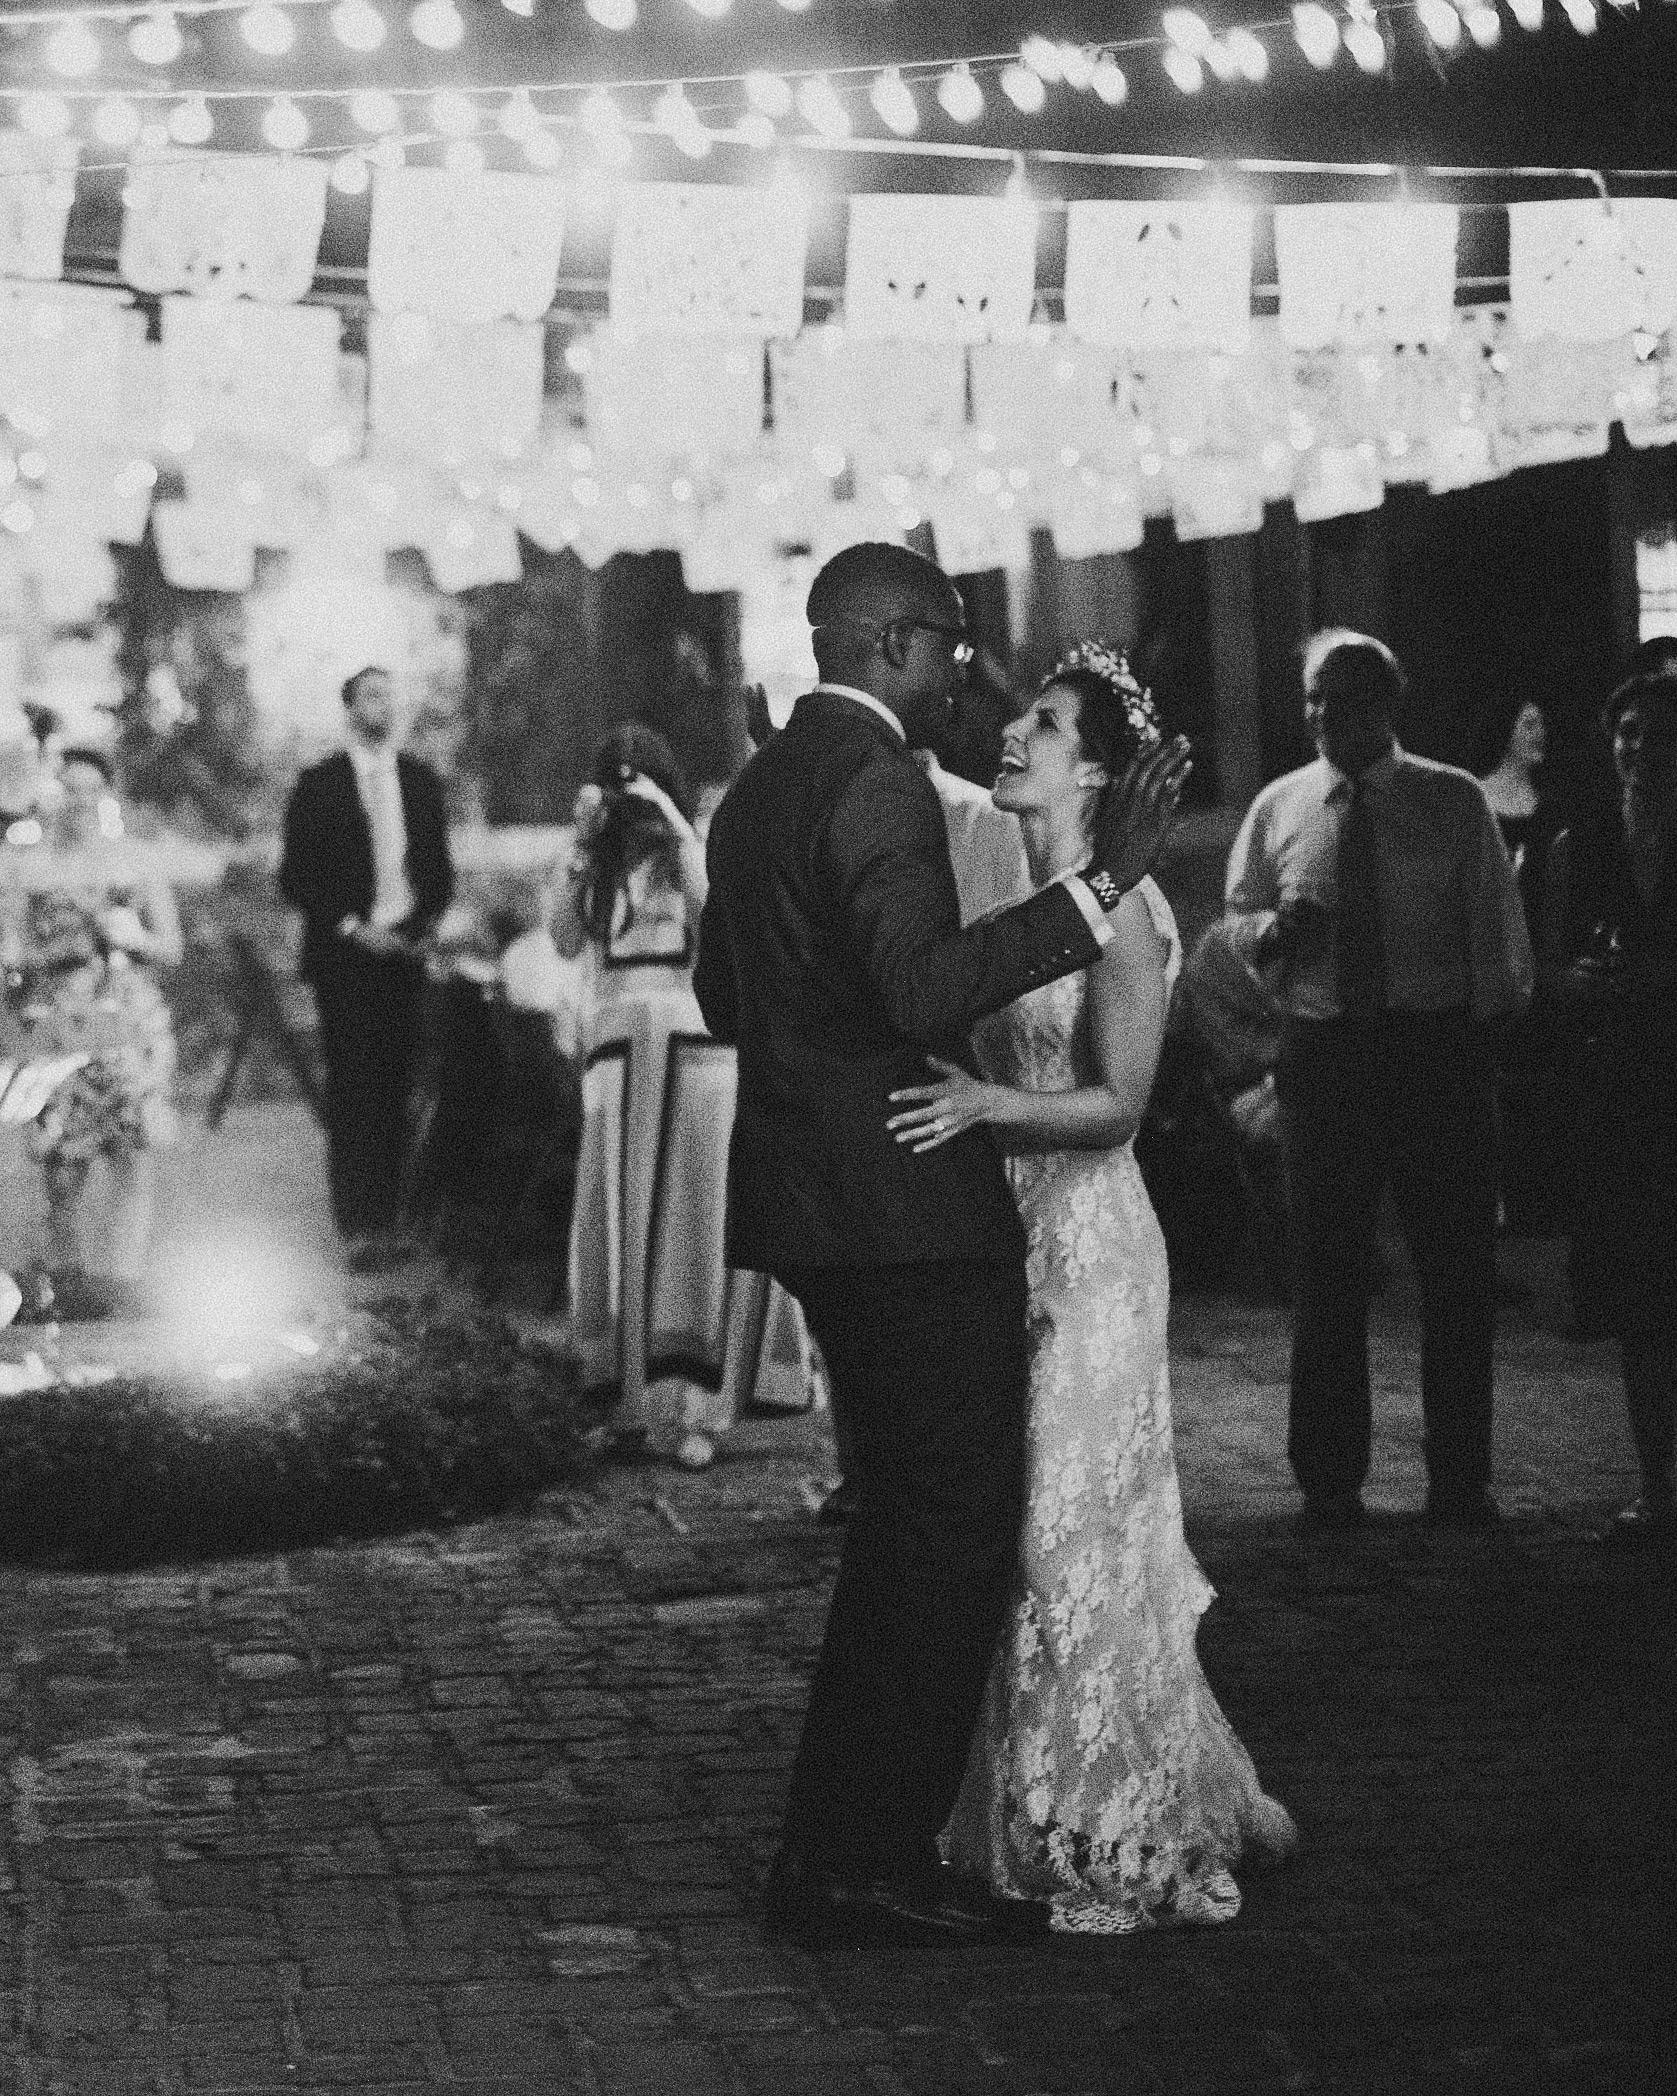 rebecca-eji-wedding-firstdance-518-s113057-0616.jpg